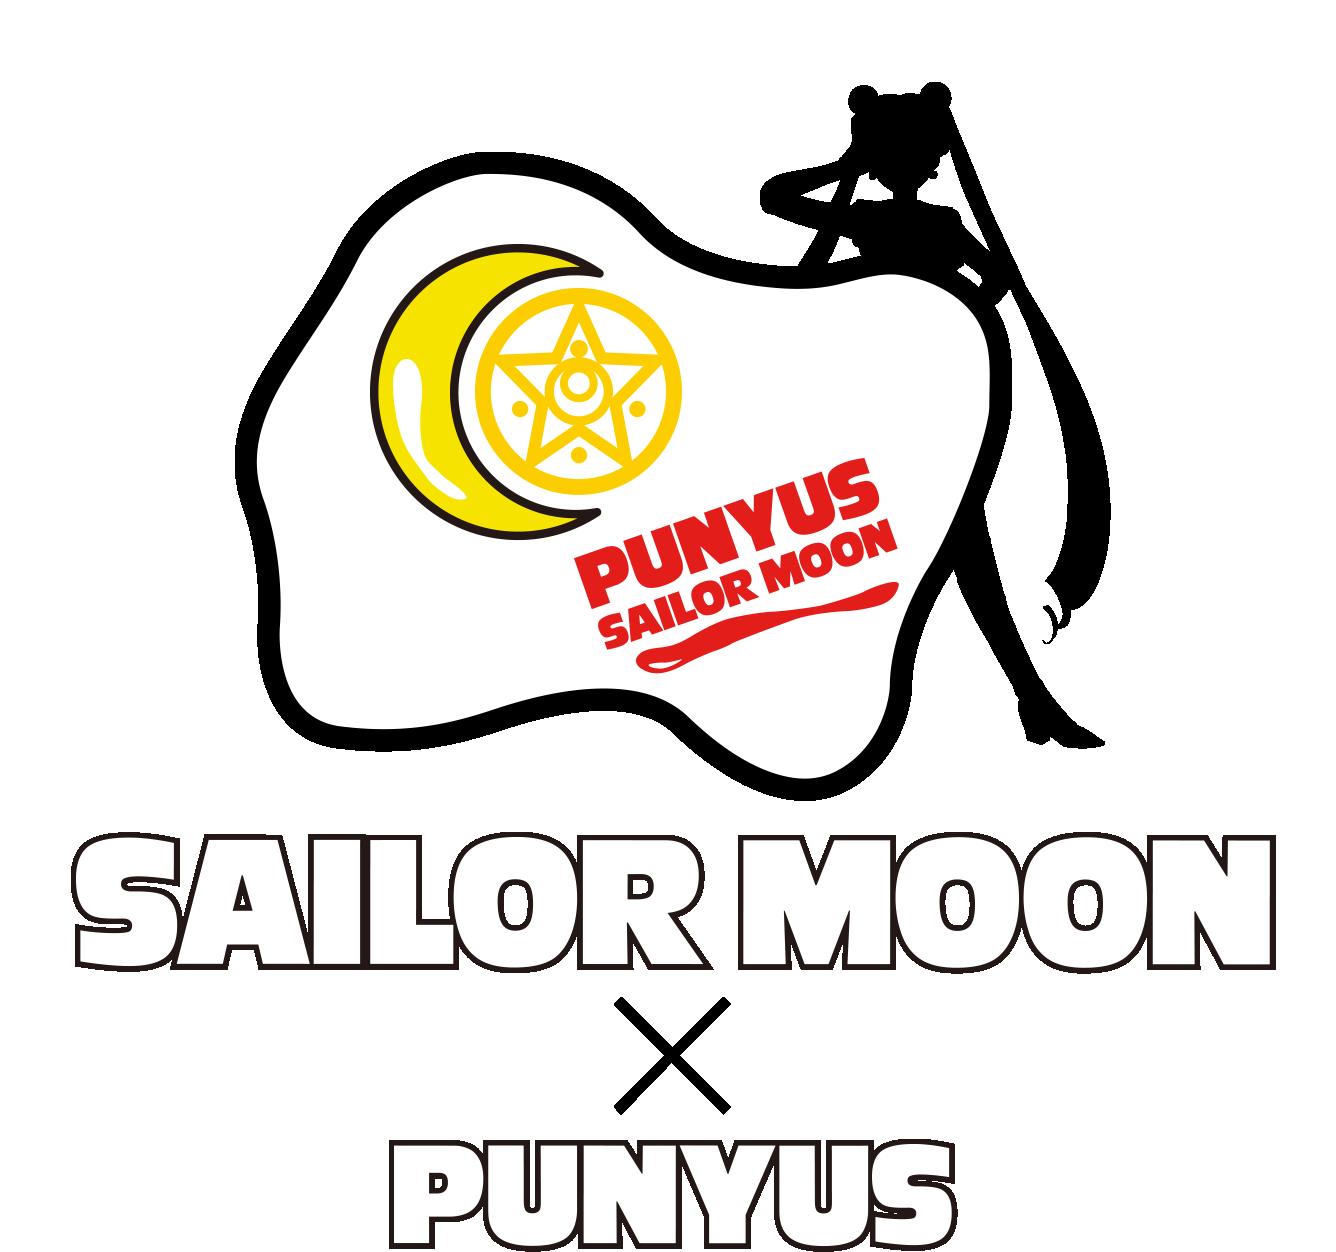 SAILOR MOON AND PUNYUS